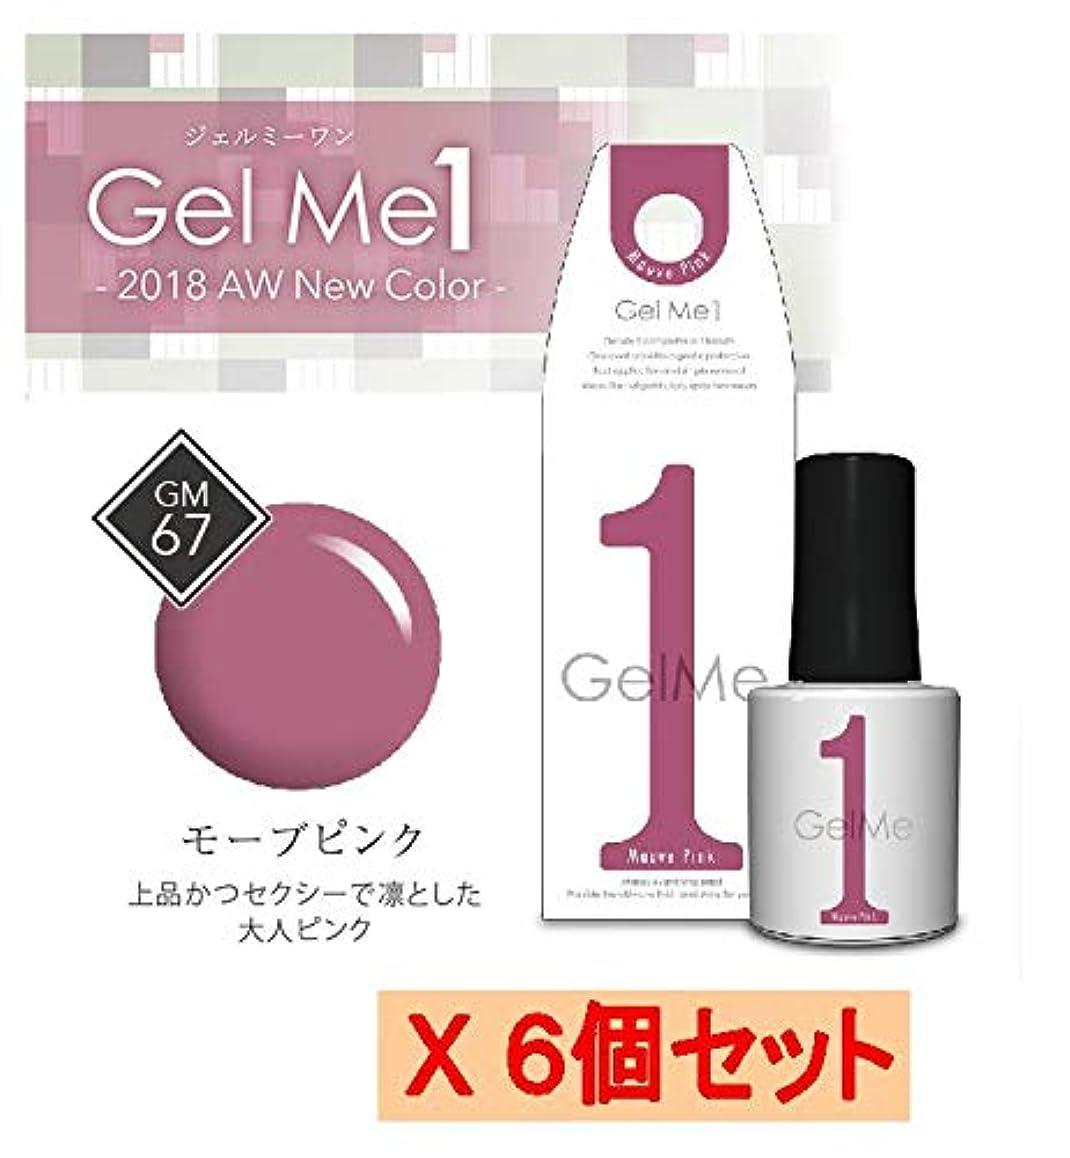 受け取る恥ずかしい徐々にジェルミーワン[GelMe1] GM-67 モーヴピンク 【セルフ ジェルネイル ジェル】 X6個セット